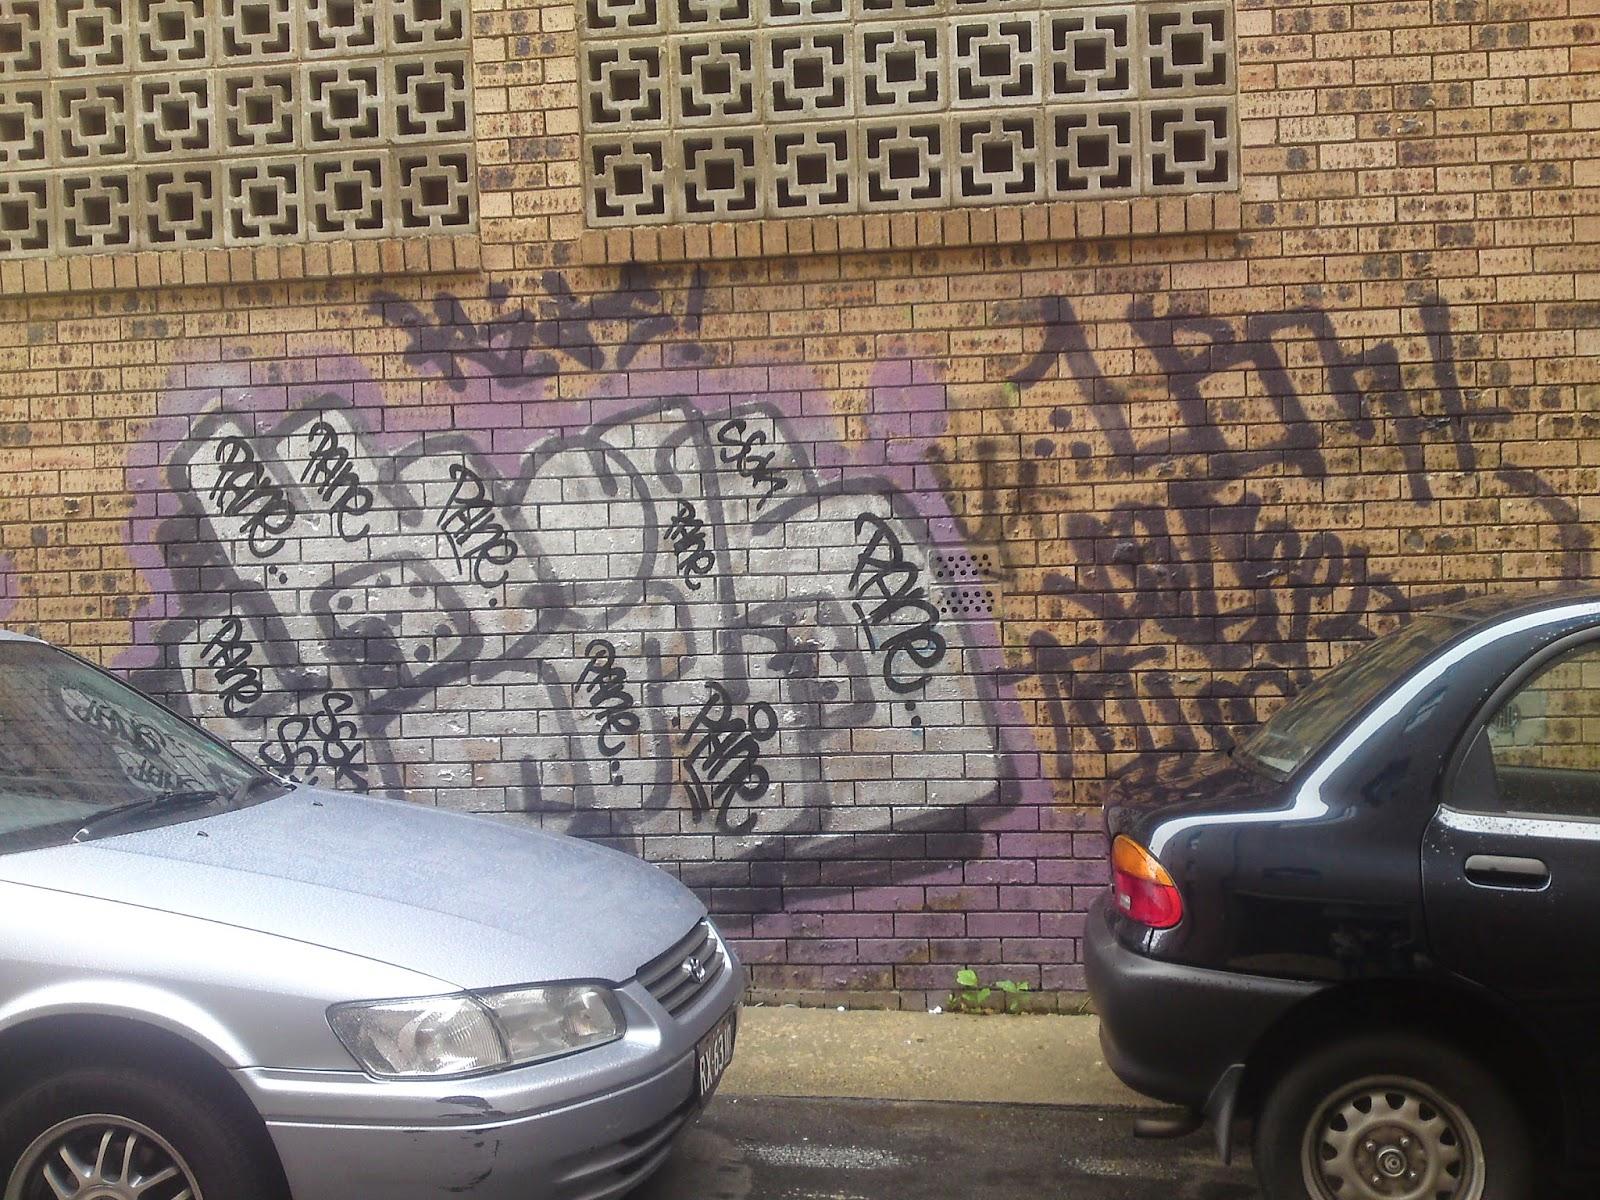 Graffiti research paper